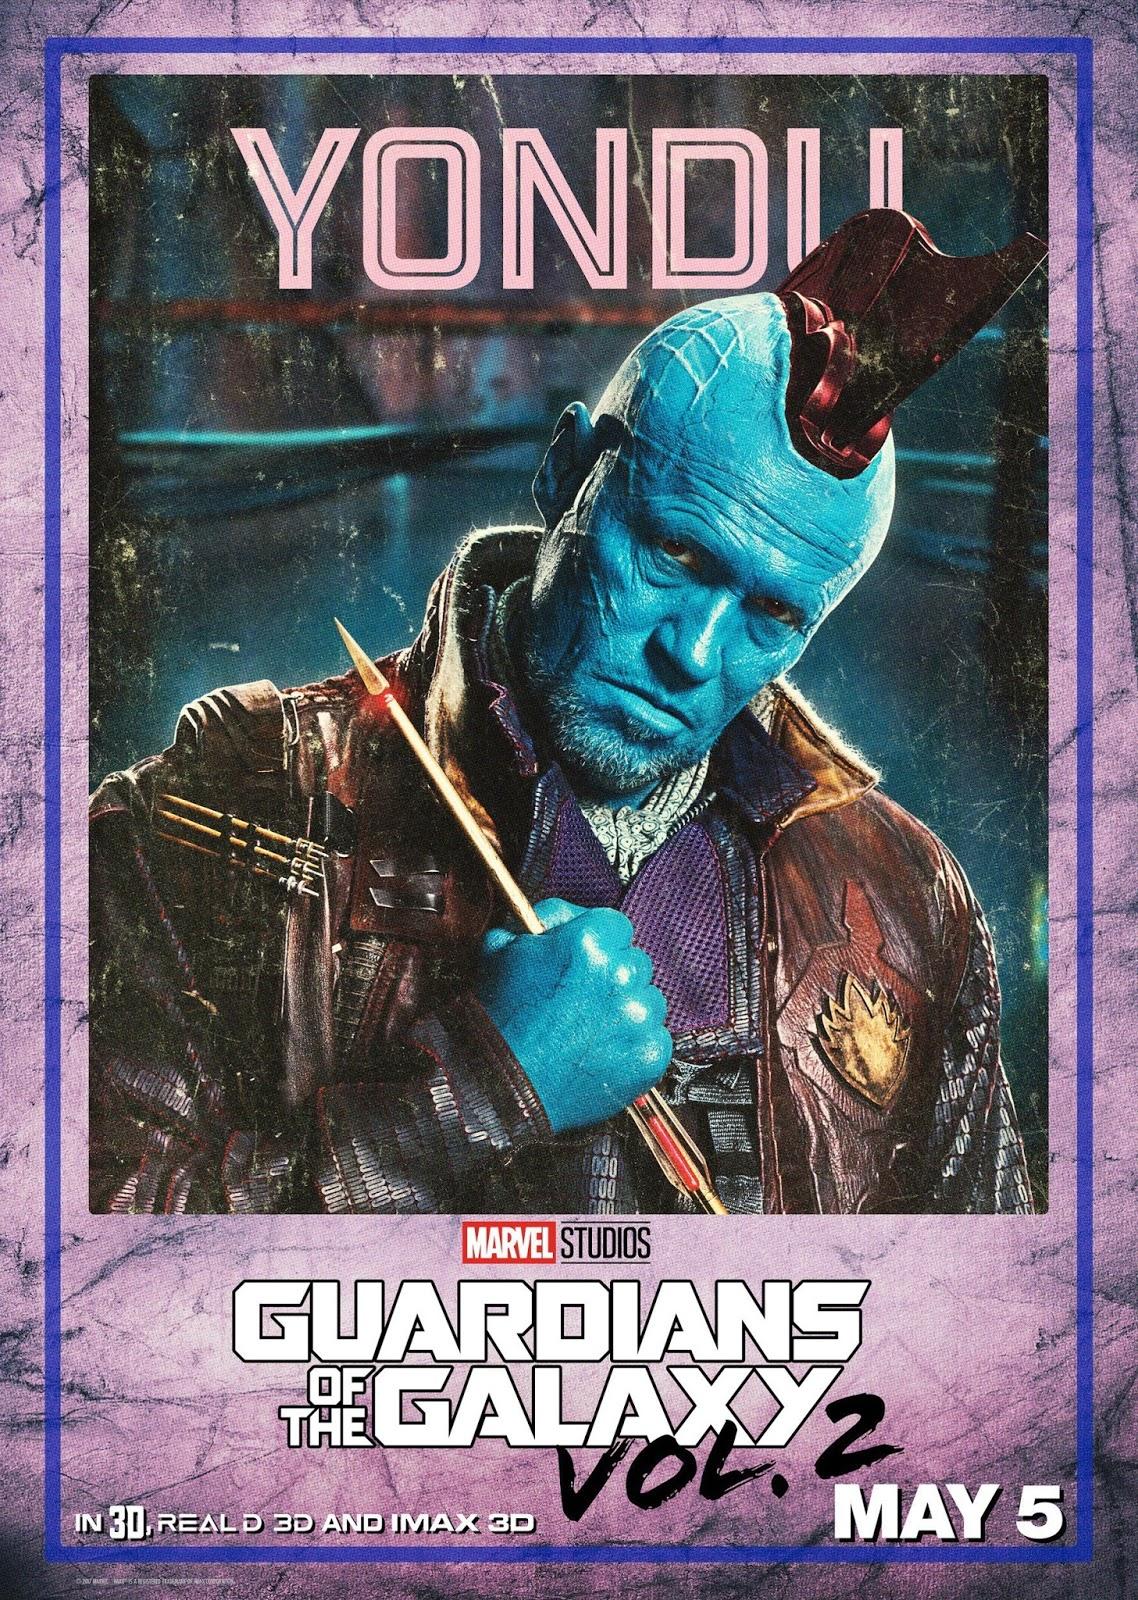 Стражи Галактики Часть 2, Guardians of the Galaxy Vol 2, Йонду, Yondu